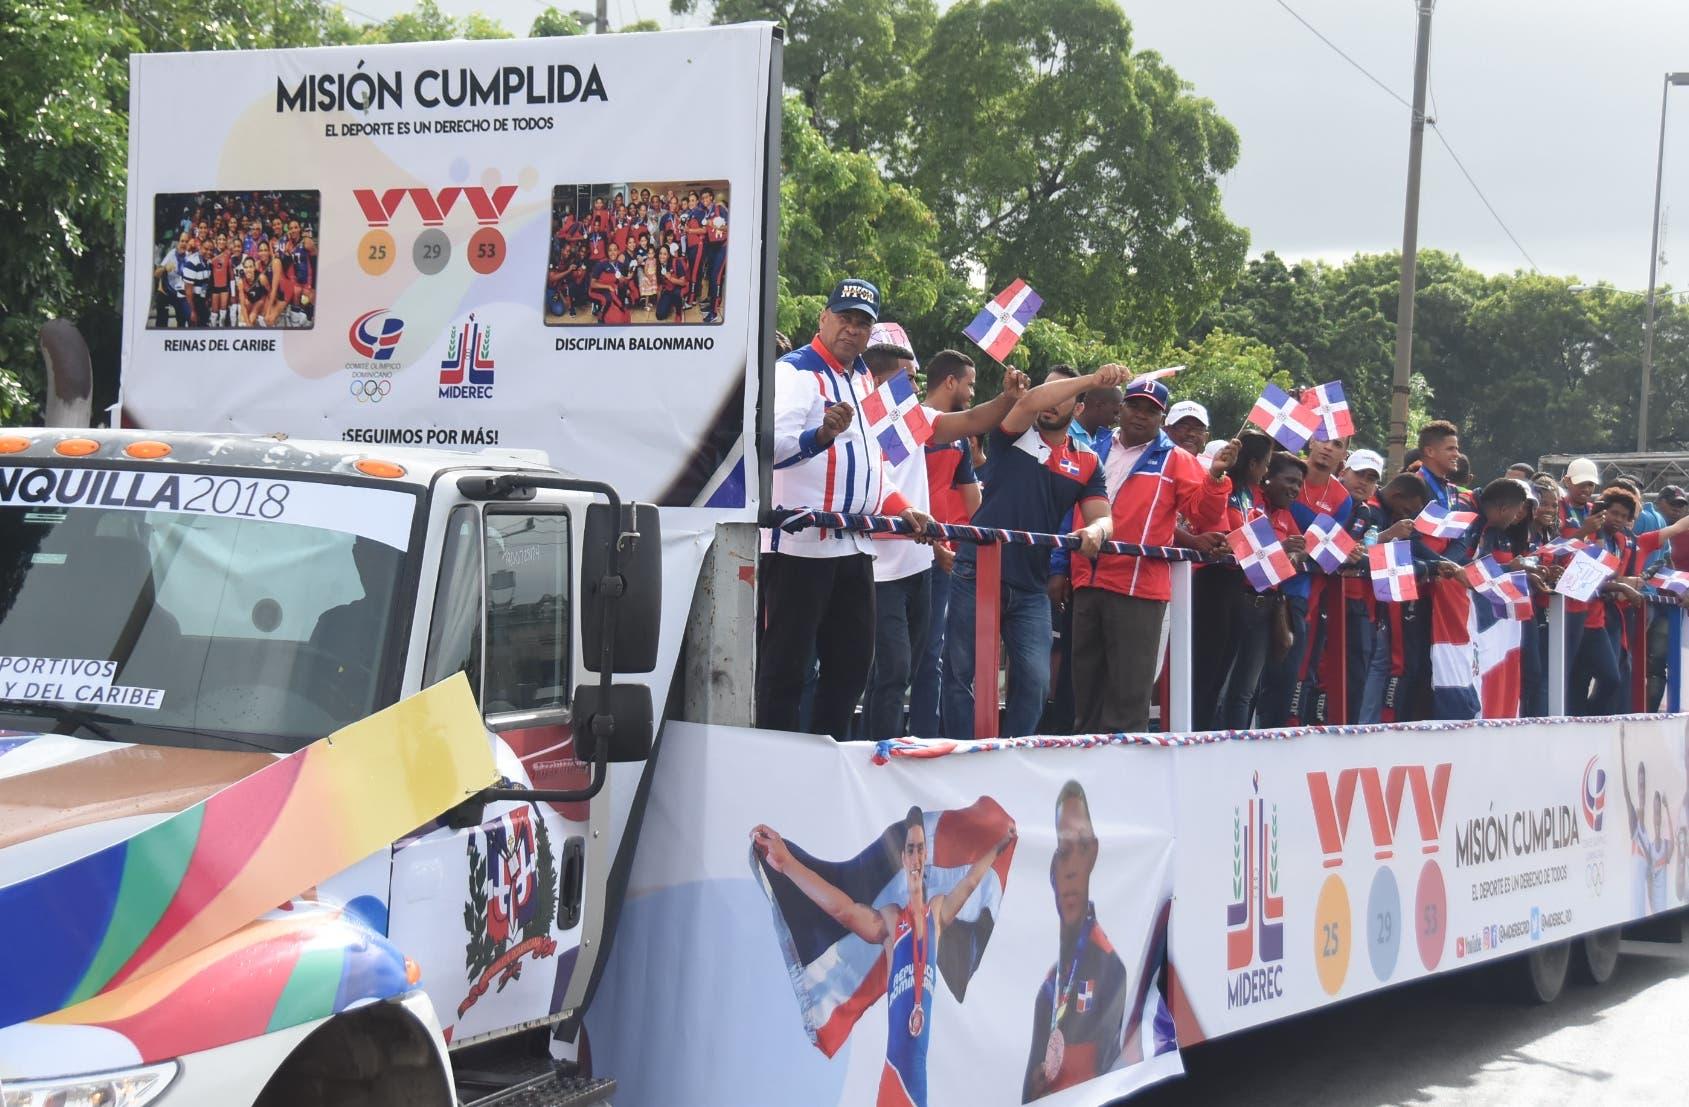 Los Deportistas disfrutaron de buen ambiente en barrios capitalinos